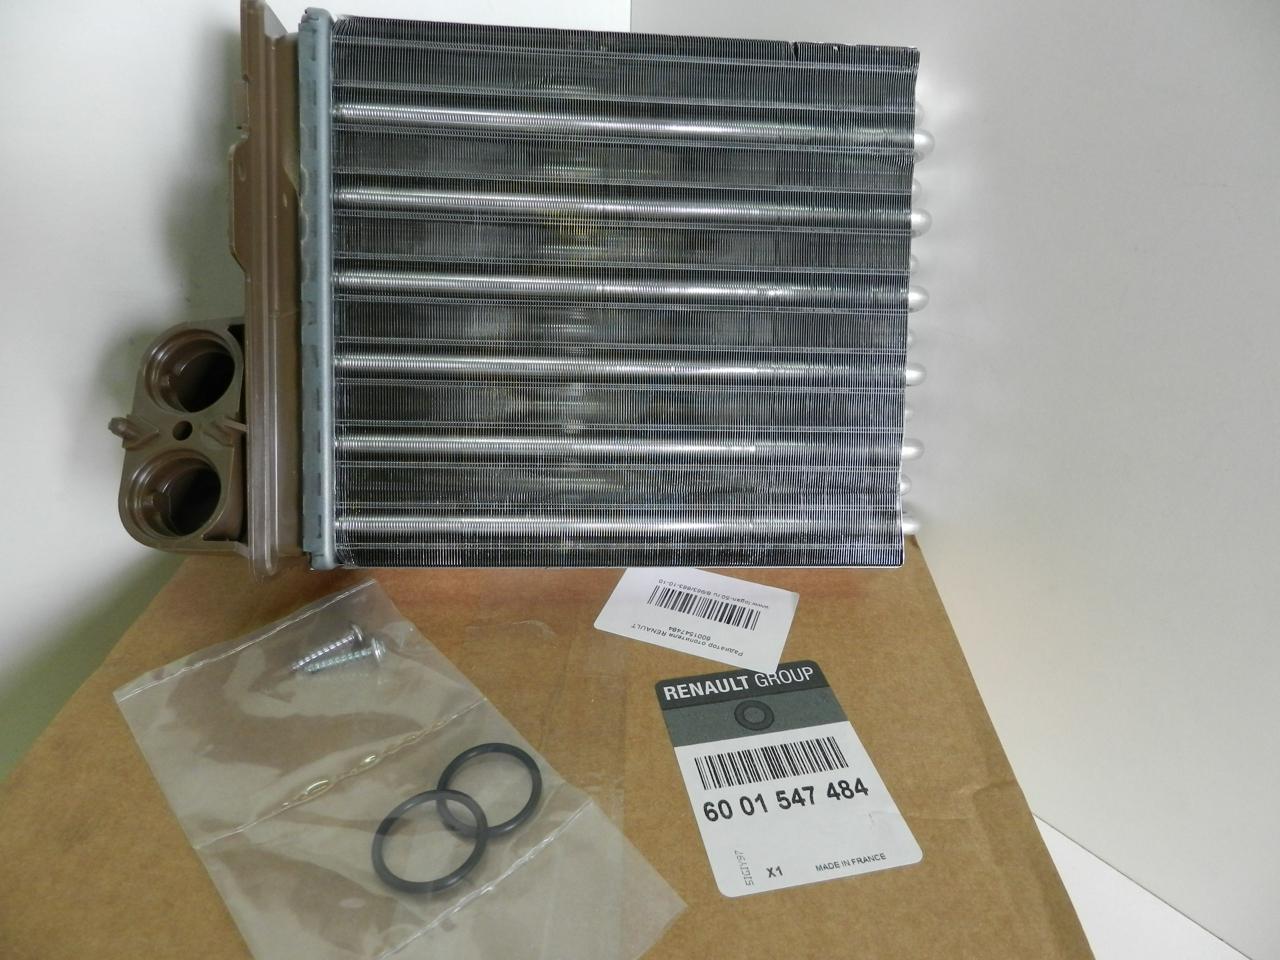 6001547484 Радиатор отопителя RENAULT LOGAN/DUSTER/SANDERO 1.2-2.0/1.5D 04-